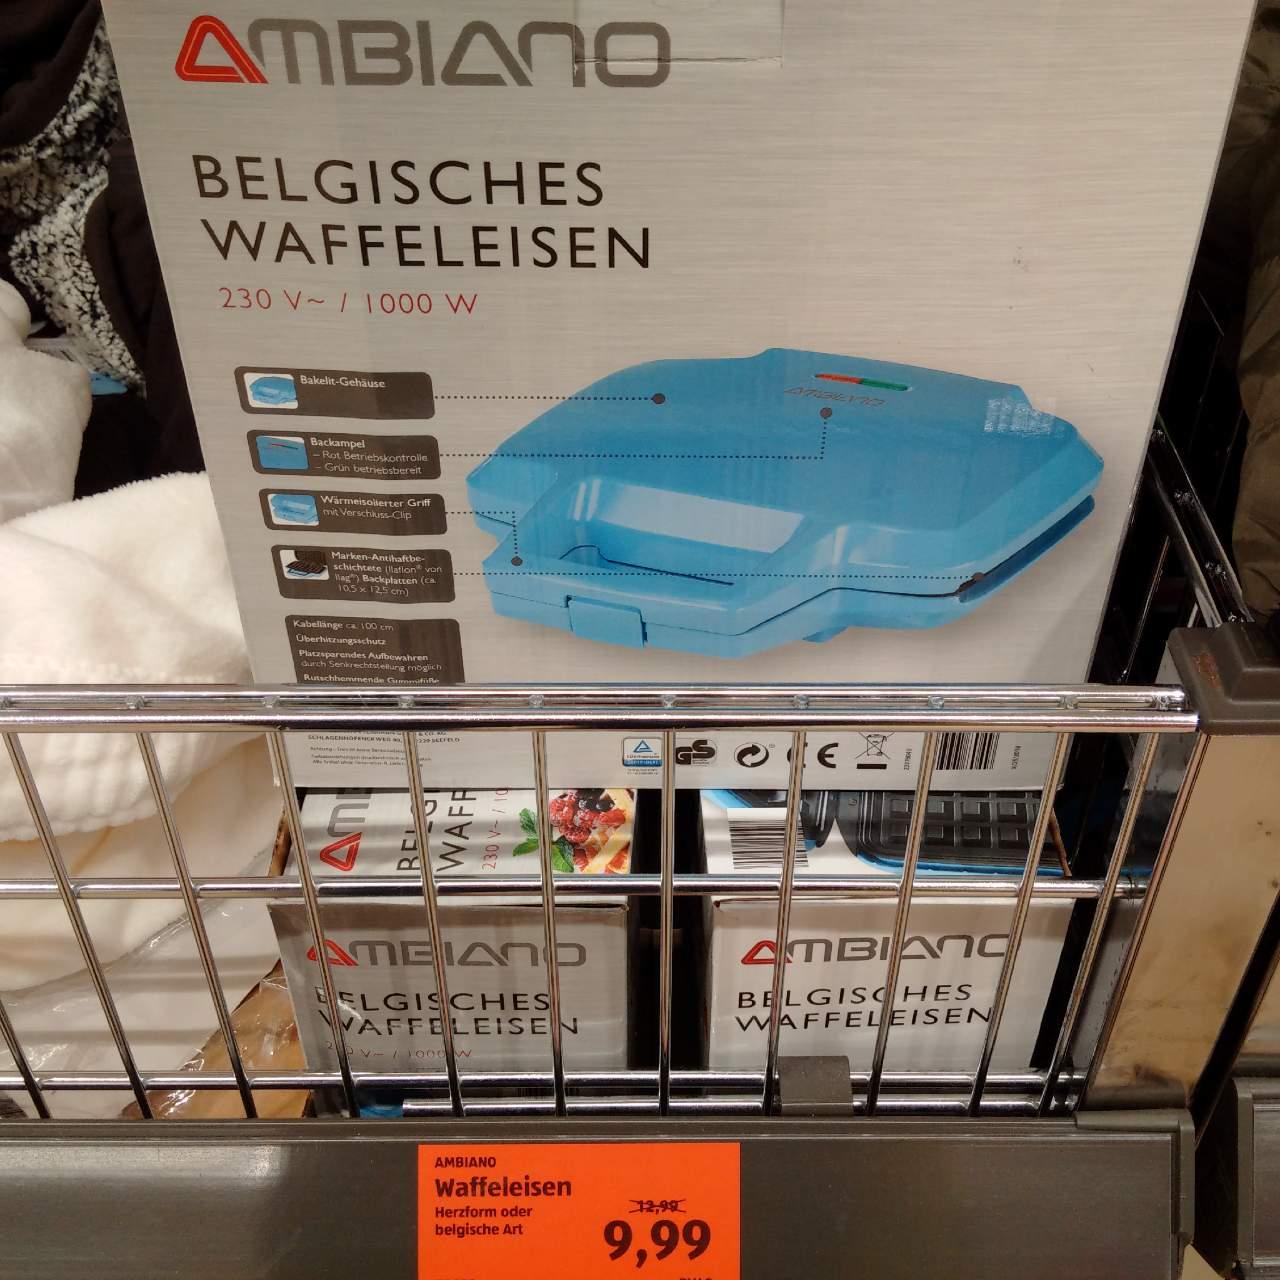 AMBIANO Belgisches Waffeleisen - jetzt 23% billiger